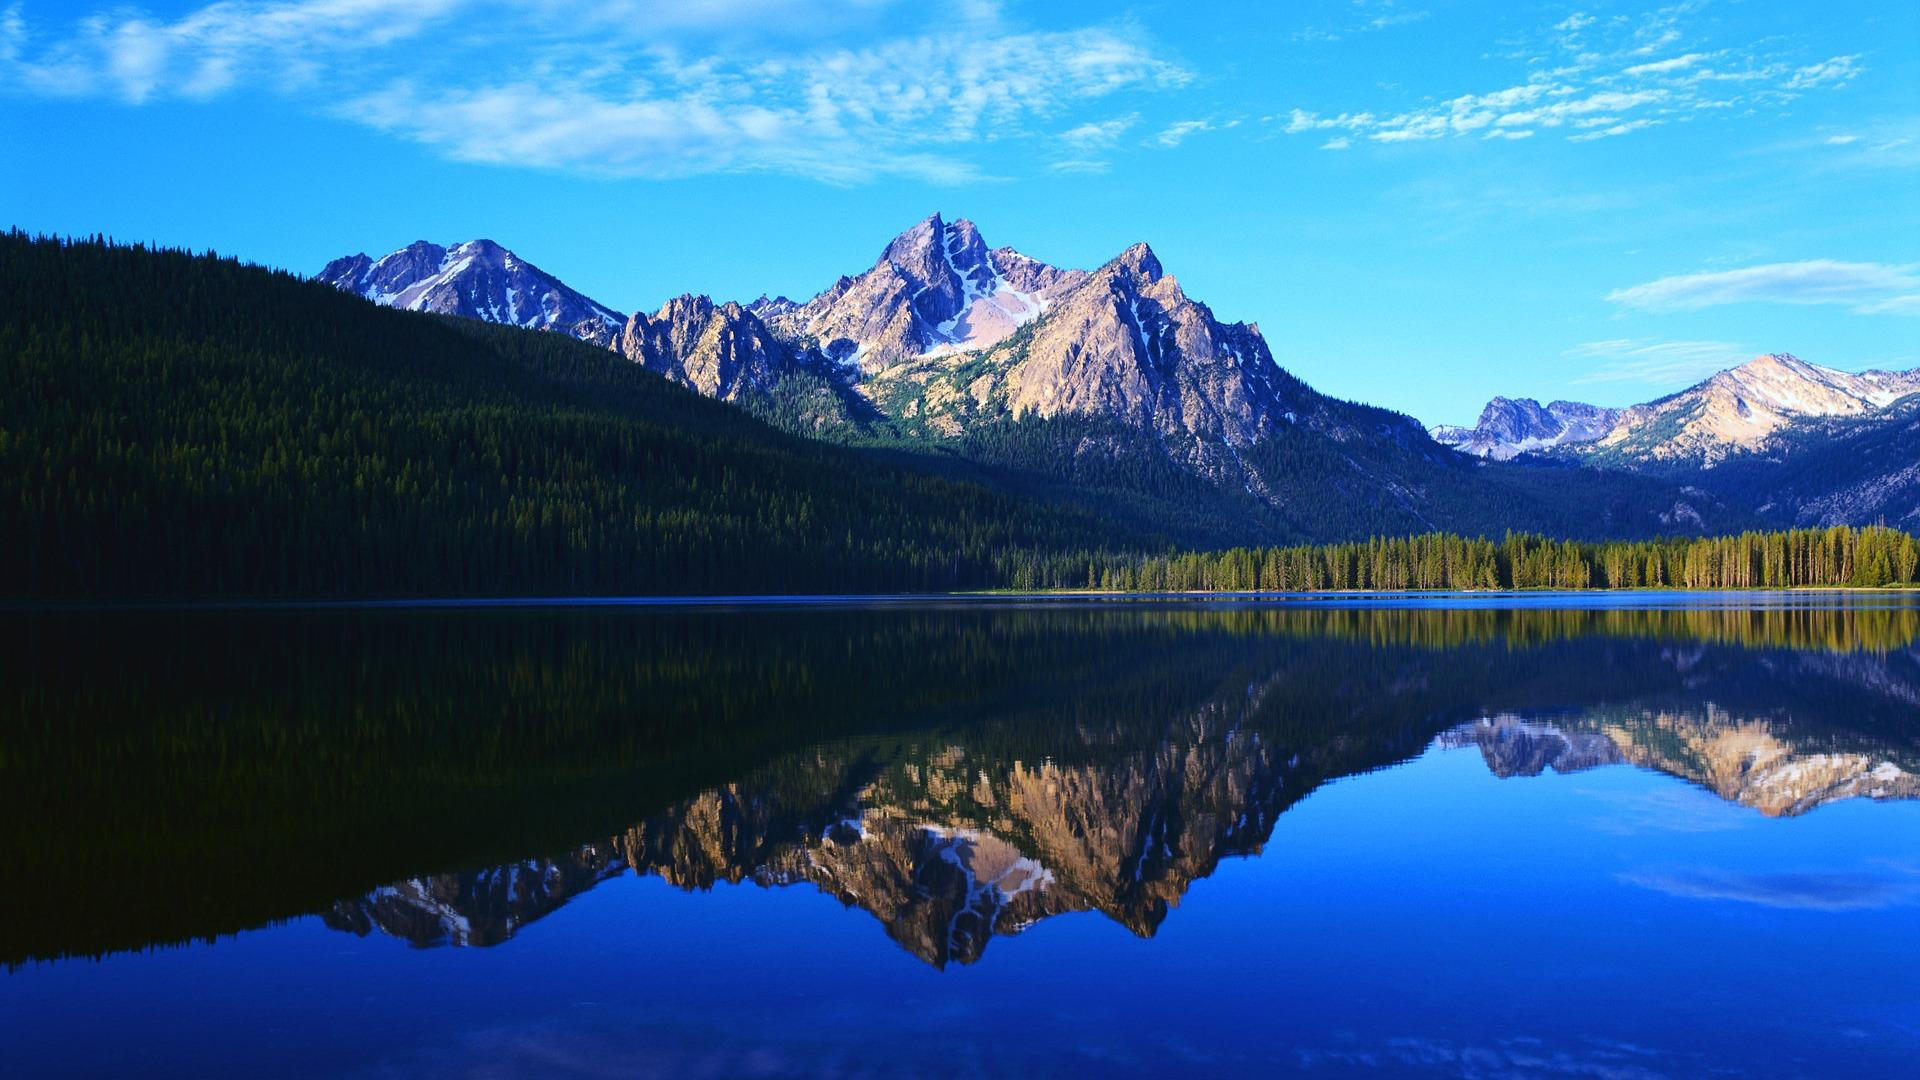 mountain lake wallpaper 1920x1080 - photo #22